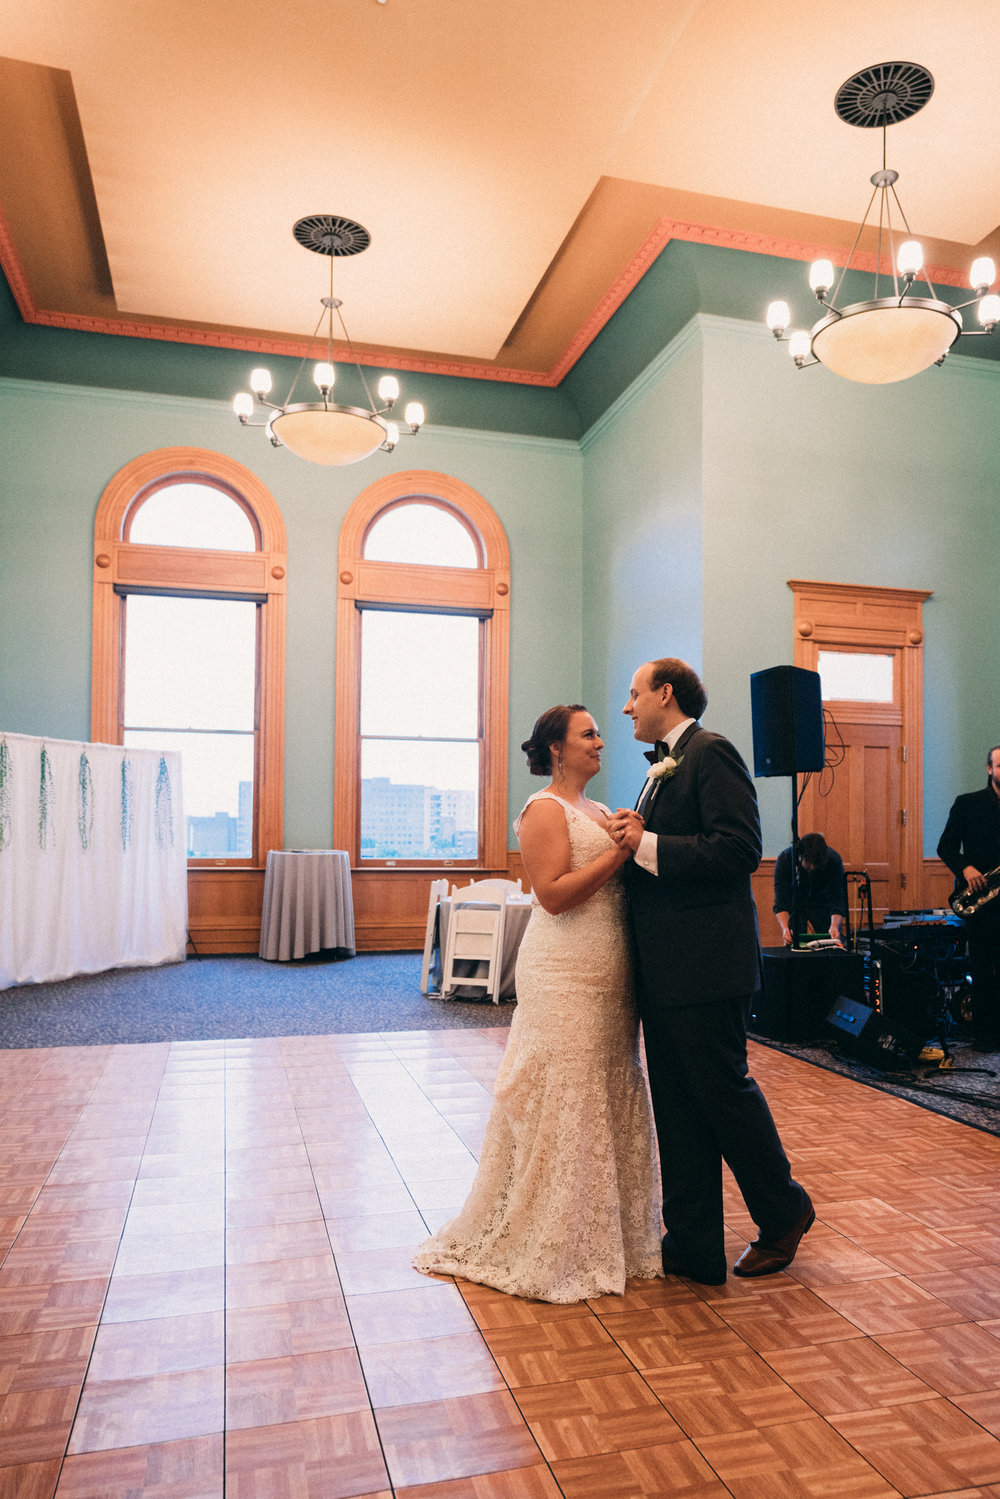 AEPHOTO_Sam+Gabrielle_Married-29.jpg